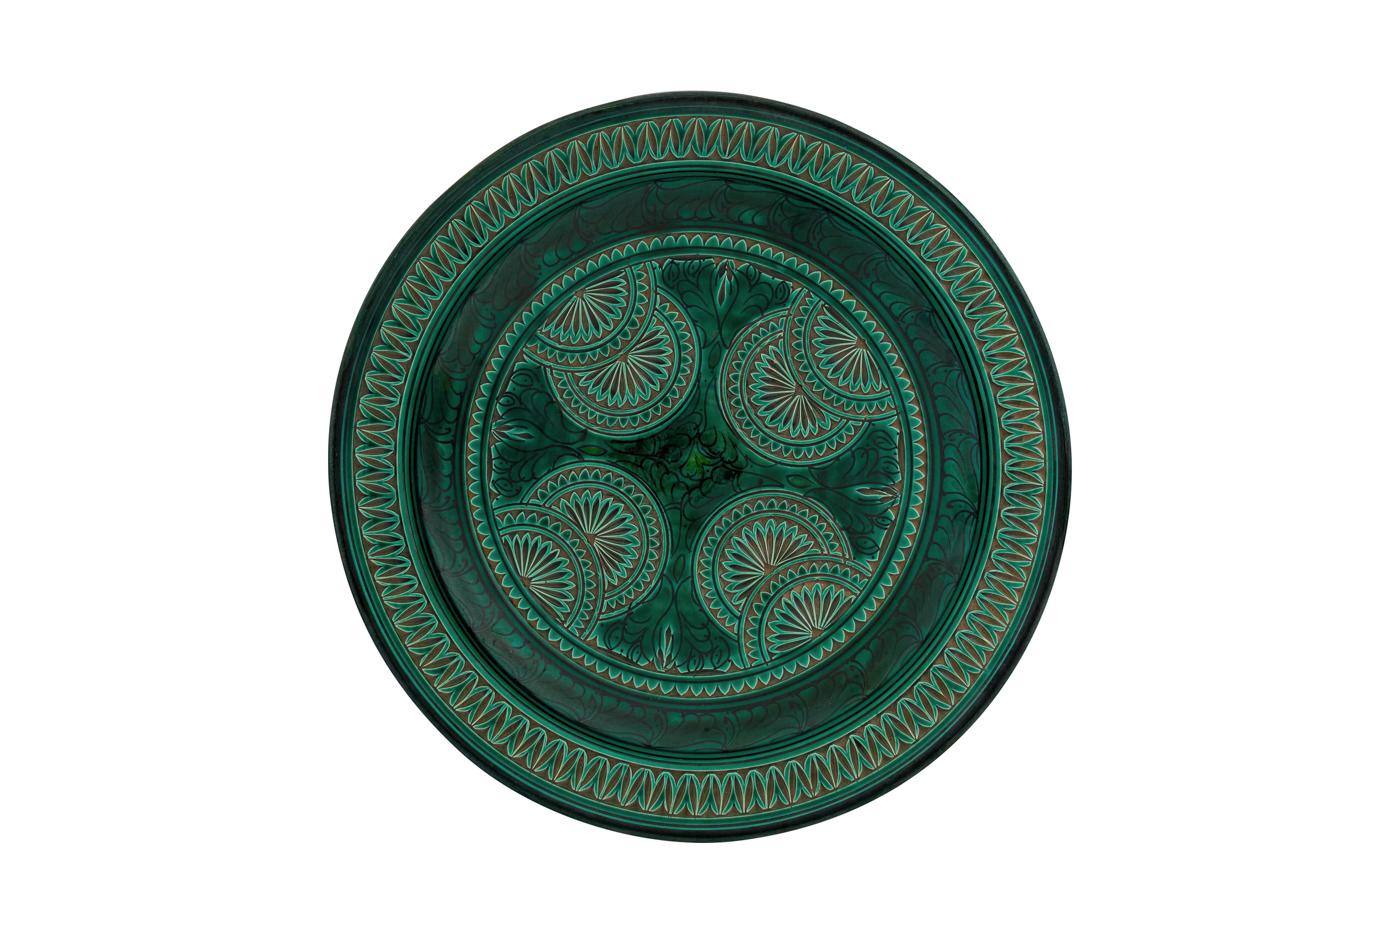 Plato Marroquí en cerámica tallado con diseño de arabescos florales, Verde hunter